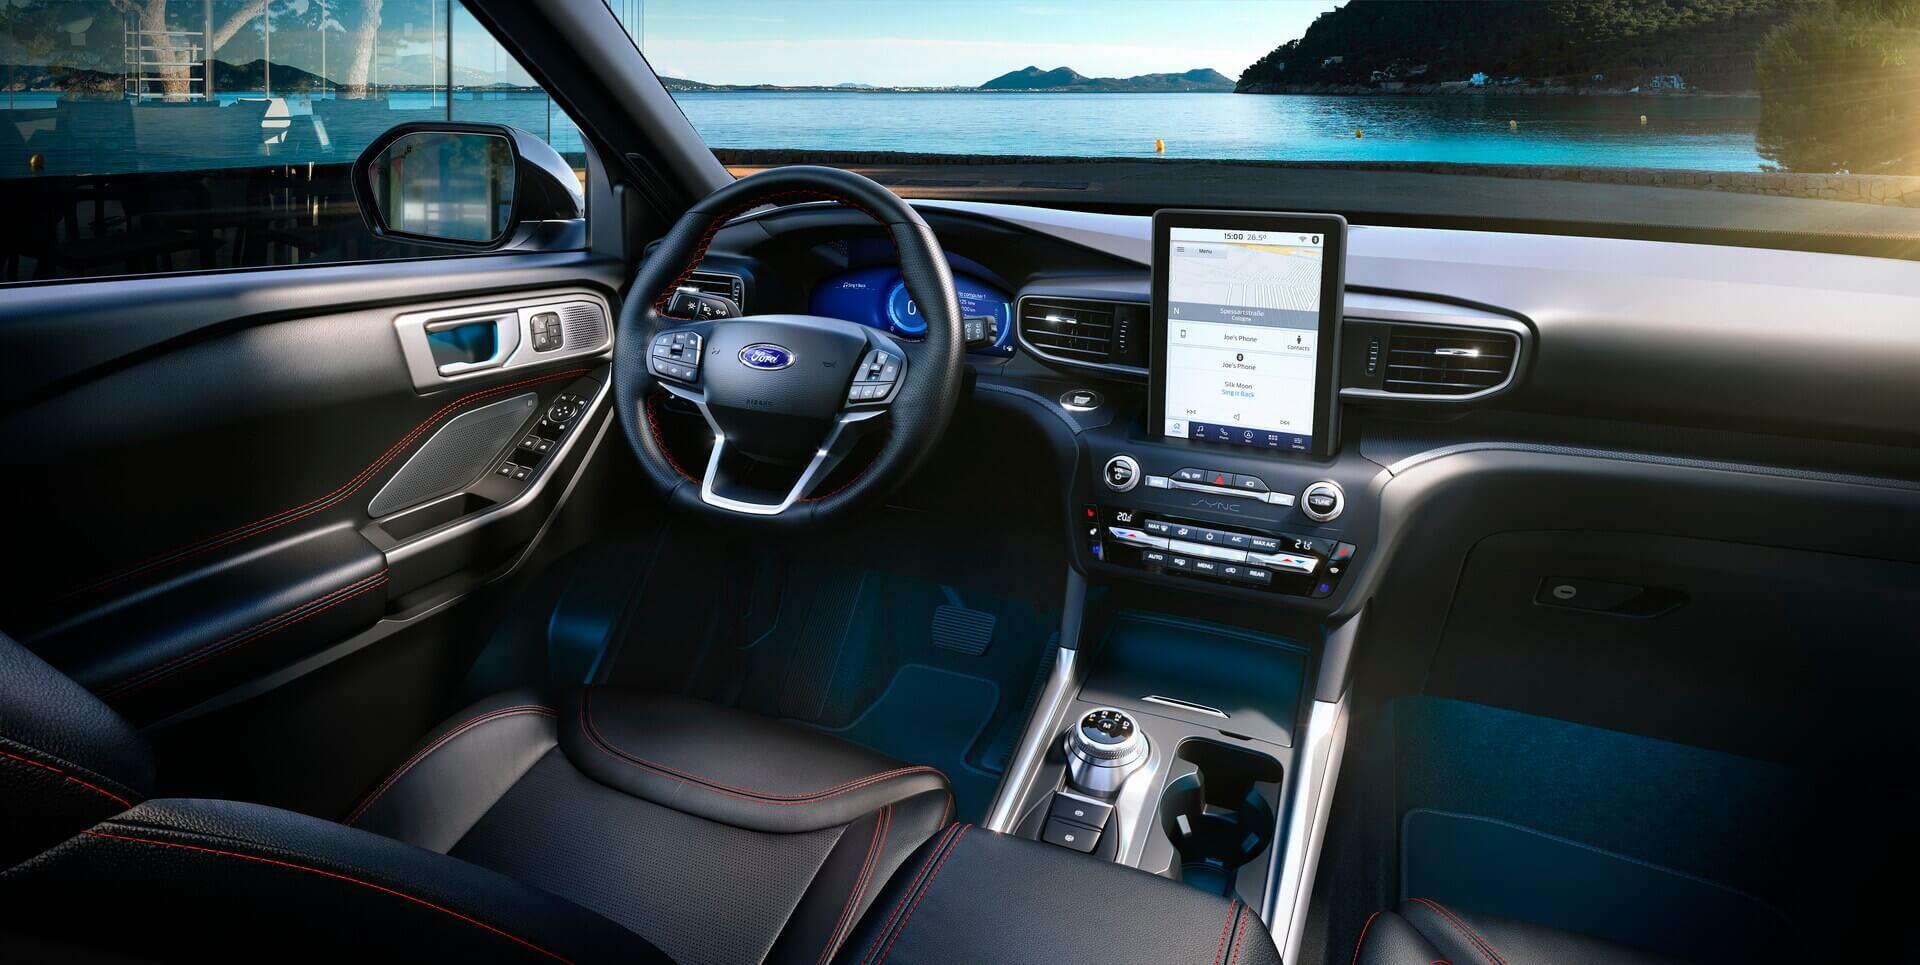 Интерьер плагин-гибридного внедорожника Ford Explorer